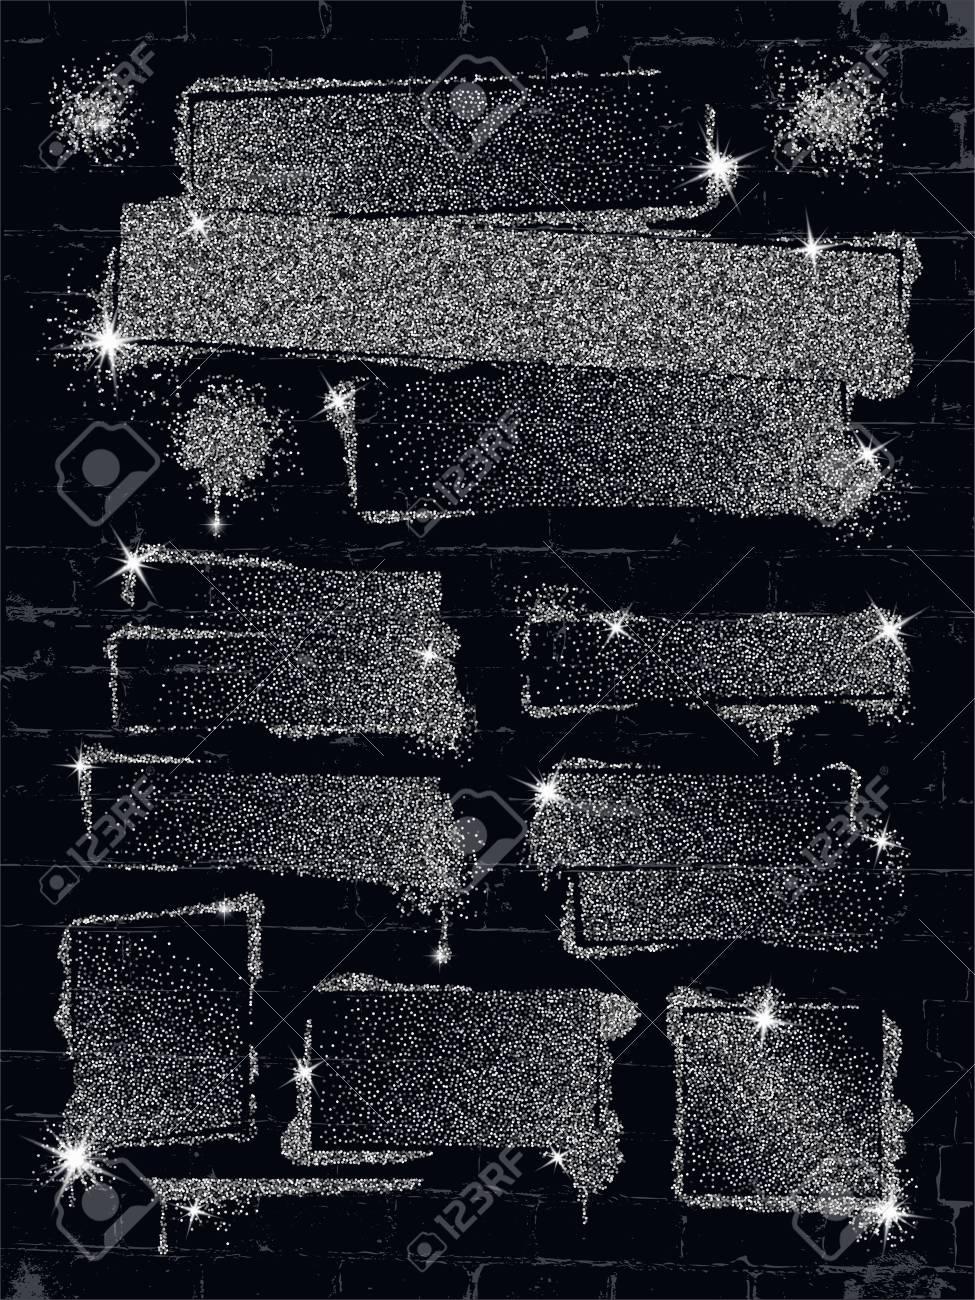 Divers Graffiti De Peinture En Aérosol De Paillettes Sur Le Mur De Briques.  Cadre Avec Des Confettis Scintillants Du0027argent Ou Comme La Peinture De Gel  De ...